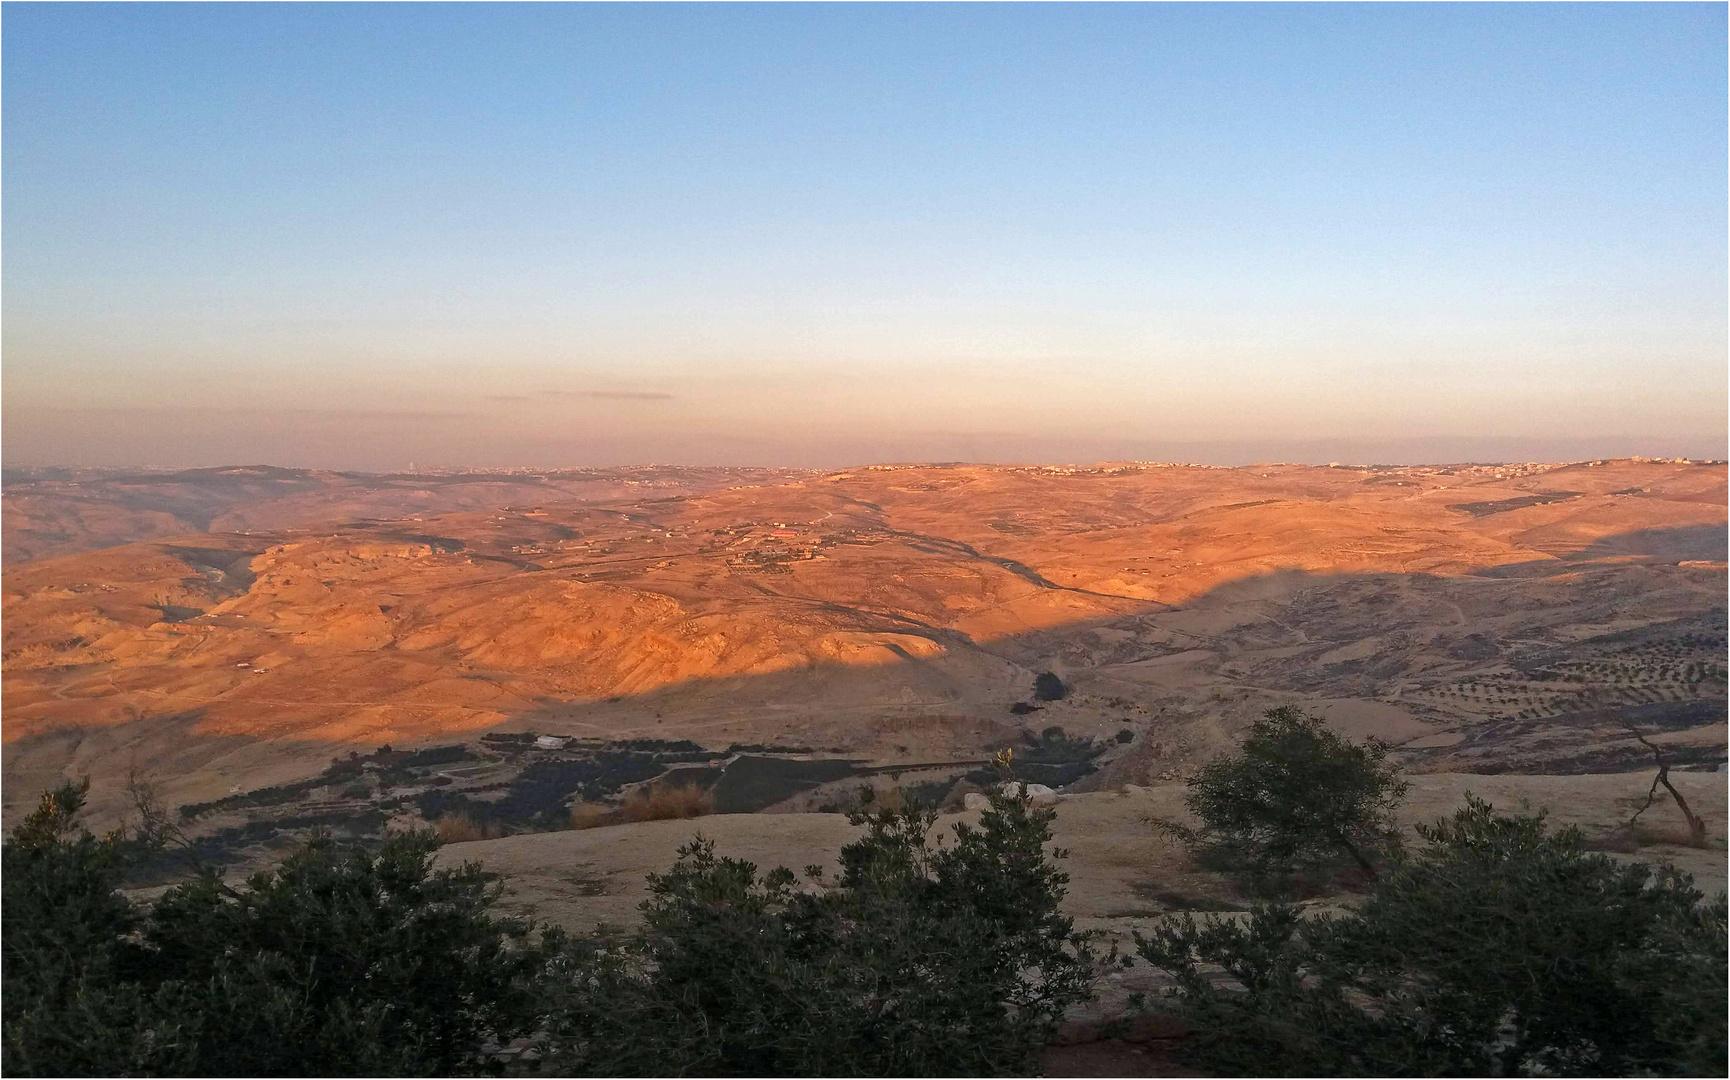 La vallée du Jourdain vue du Mont Nebo